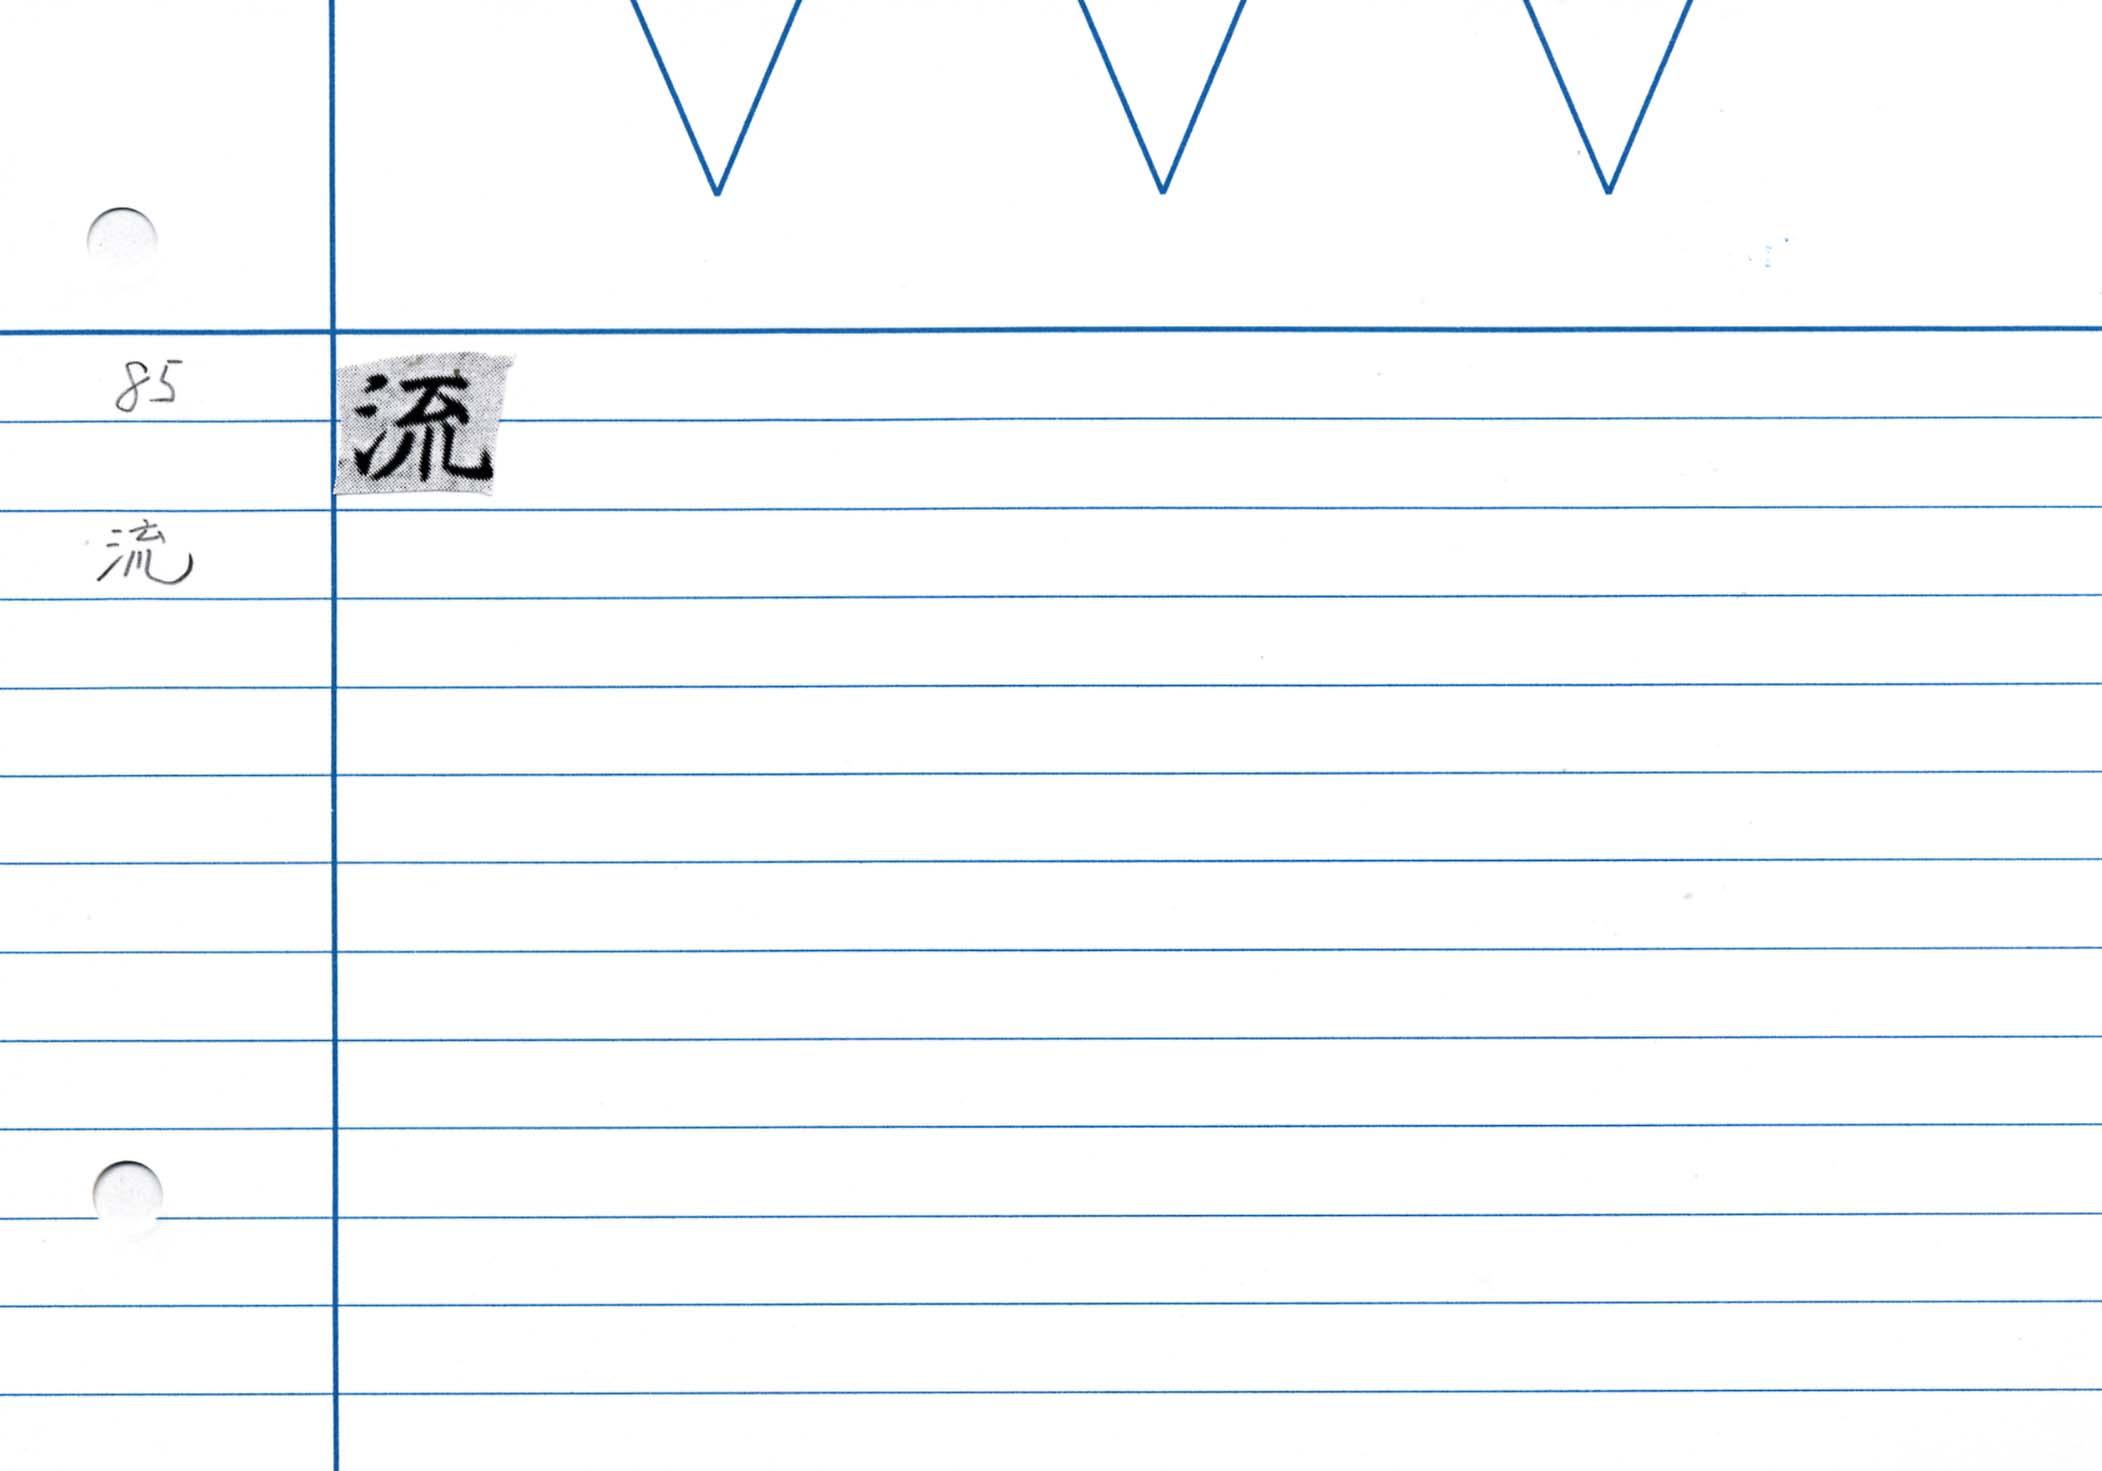 27_金剛般若經(京都国立博物館本)/cards/0076.jpg